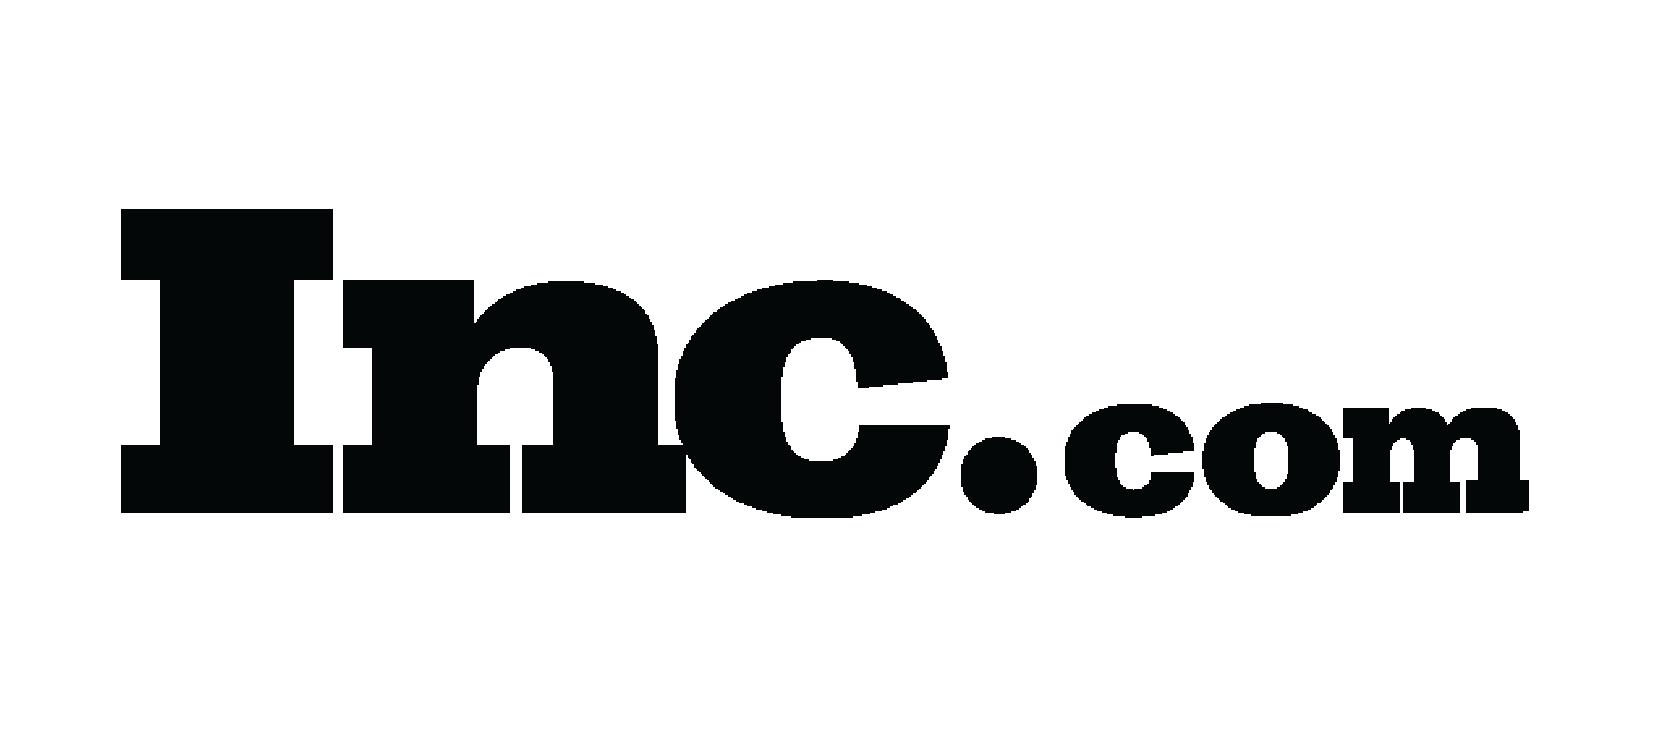 Featured in Inc.com